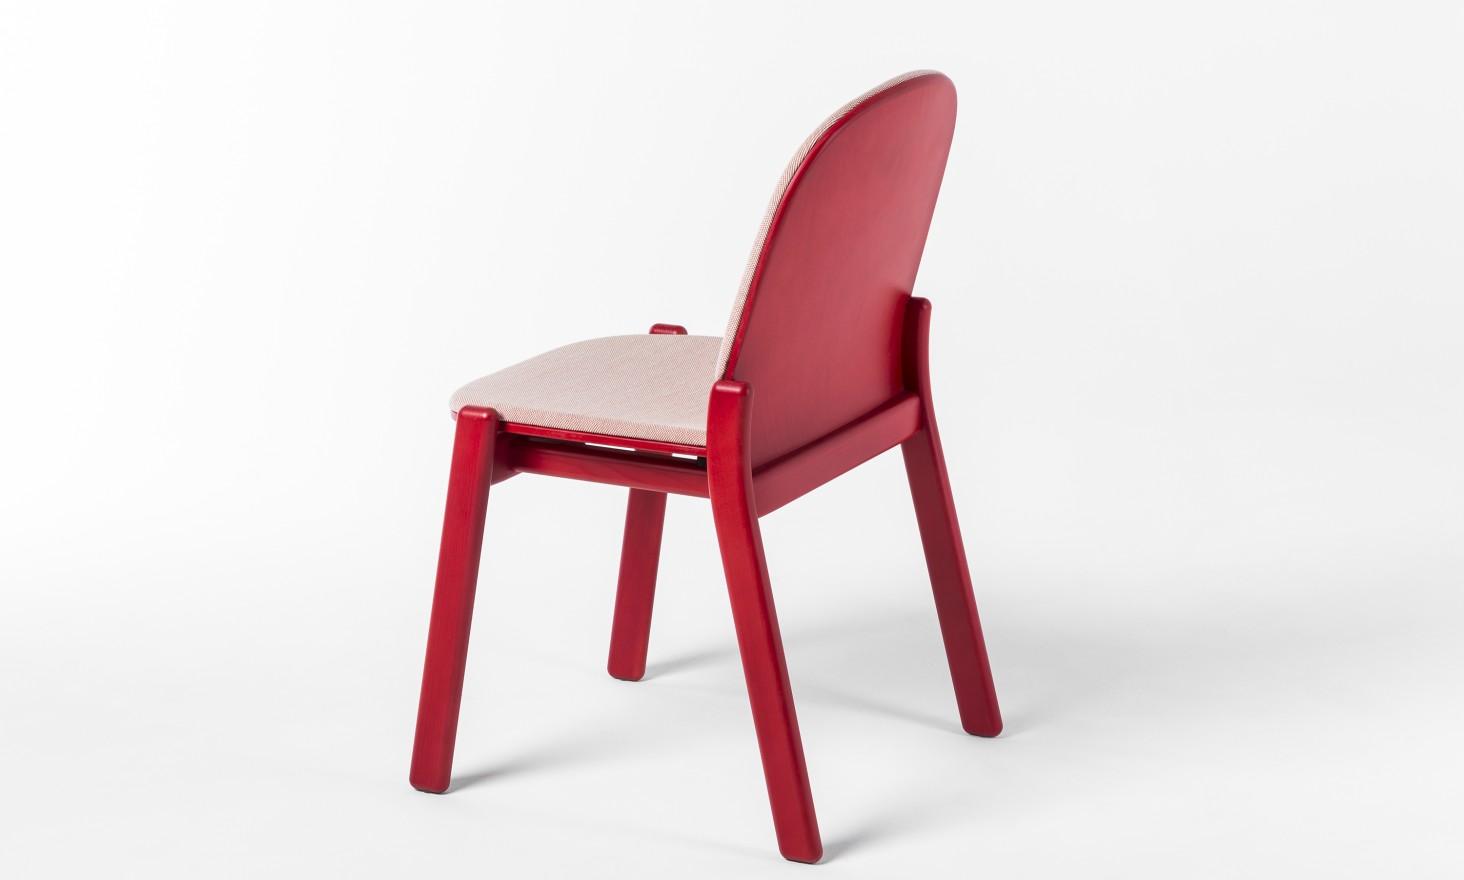 NORDIC_packshot_chair_upholstered 3